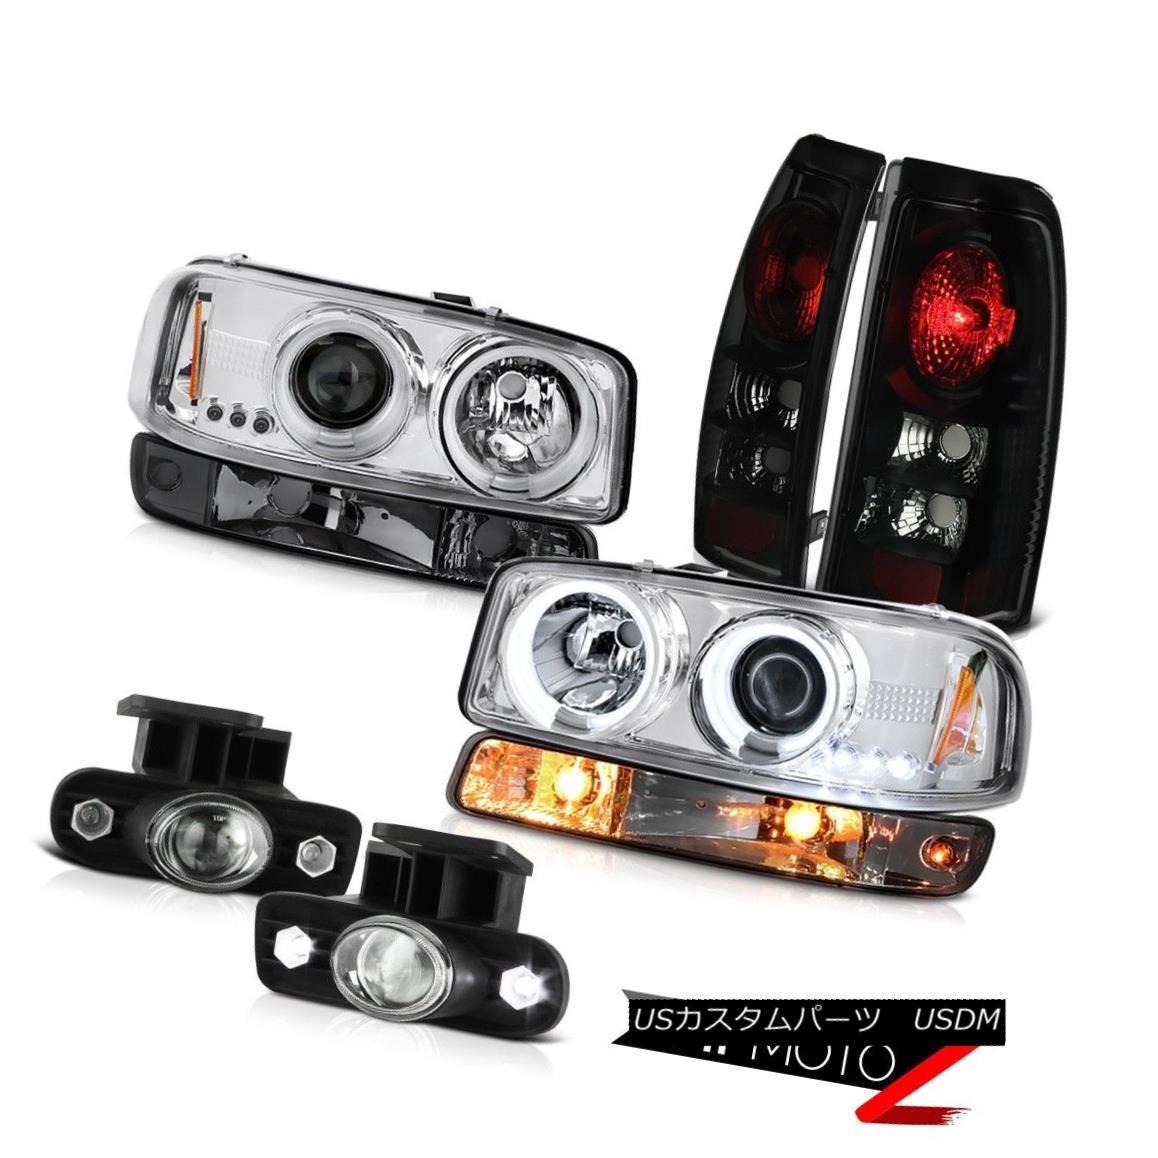 テールライト 99-02 GMC Sierra Fog lamps sinister black tail brake turn signal ccfl Headlamps 99-02 GMCシエラフォグランプ不快なブラックテールブレーキターンシグナルccflヘッドランプ